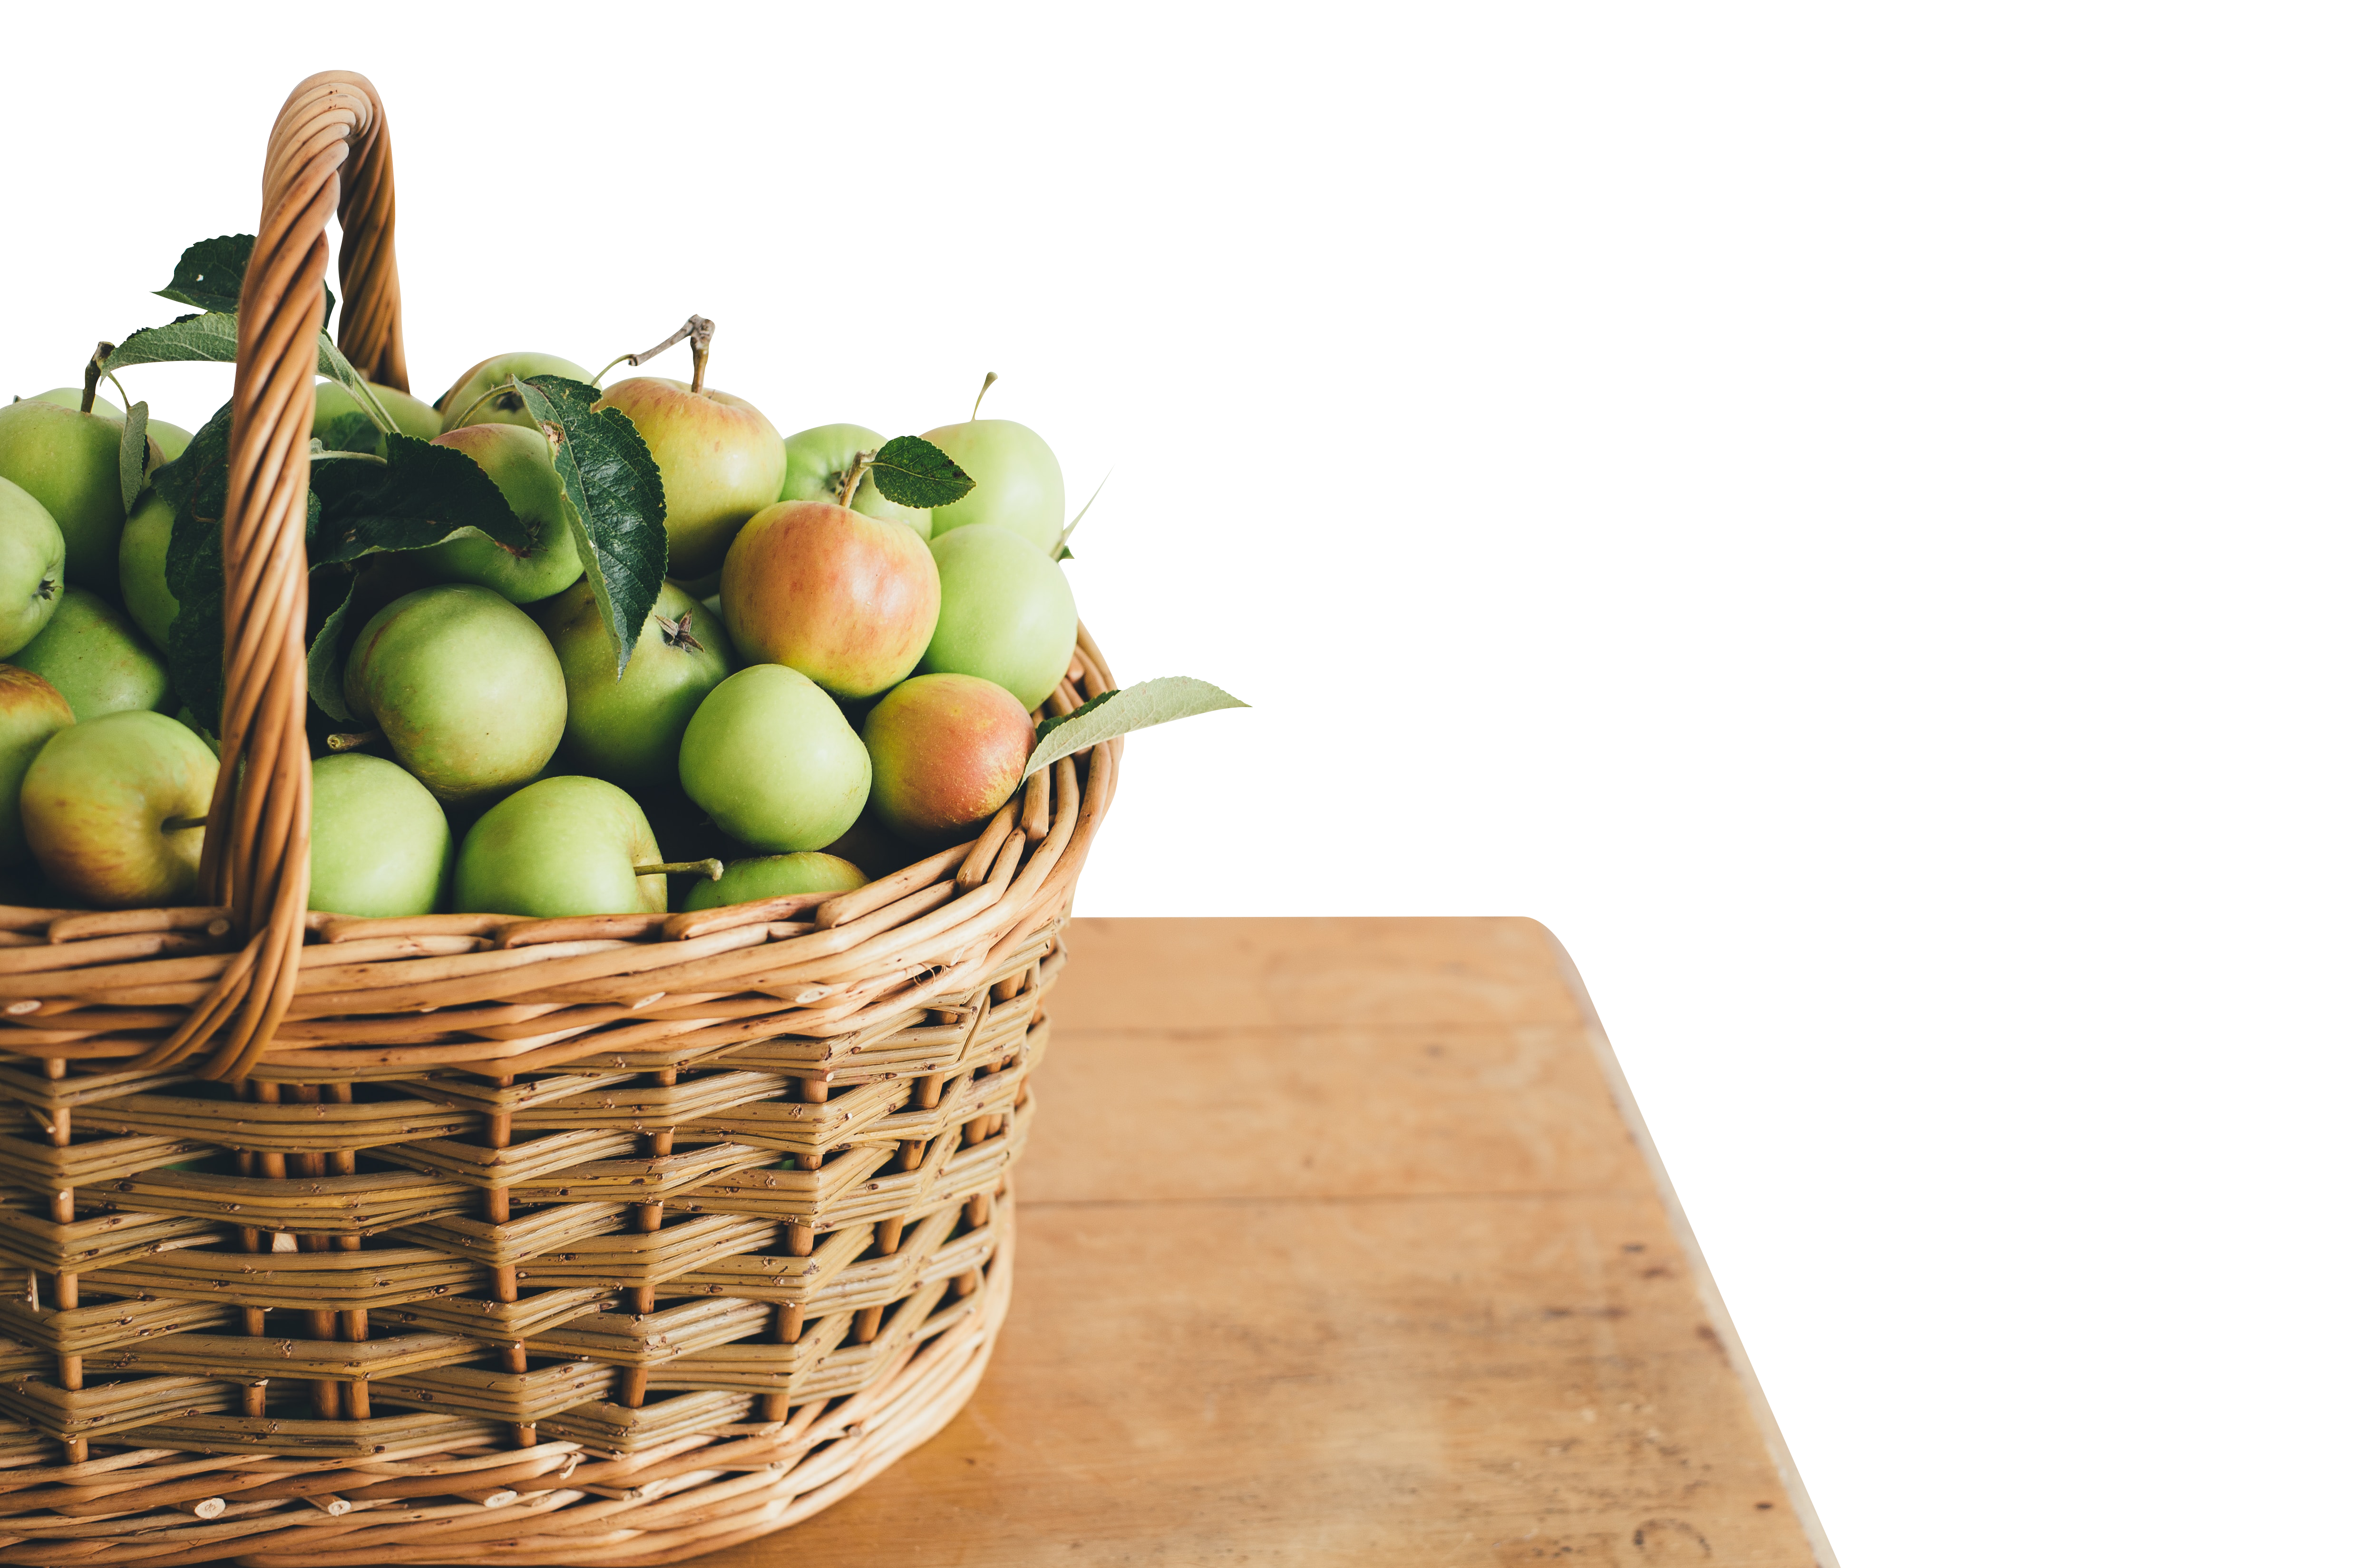 Fruit Basket Transparent Background PNG